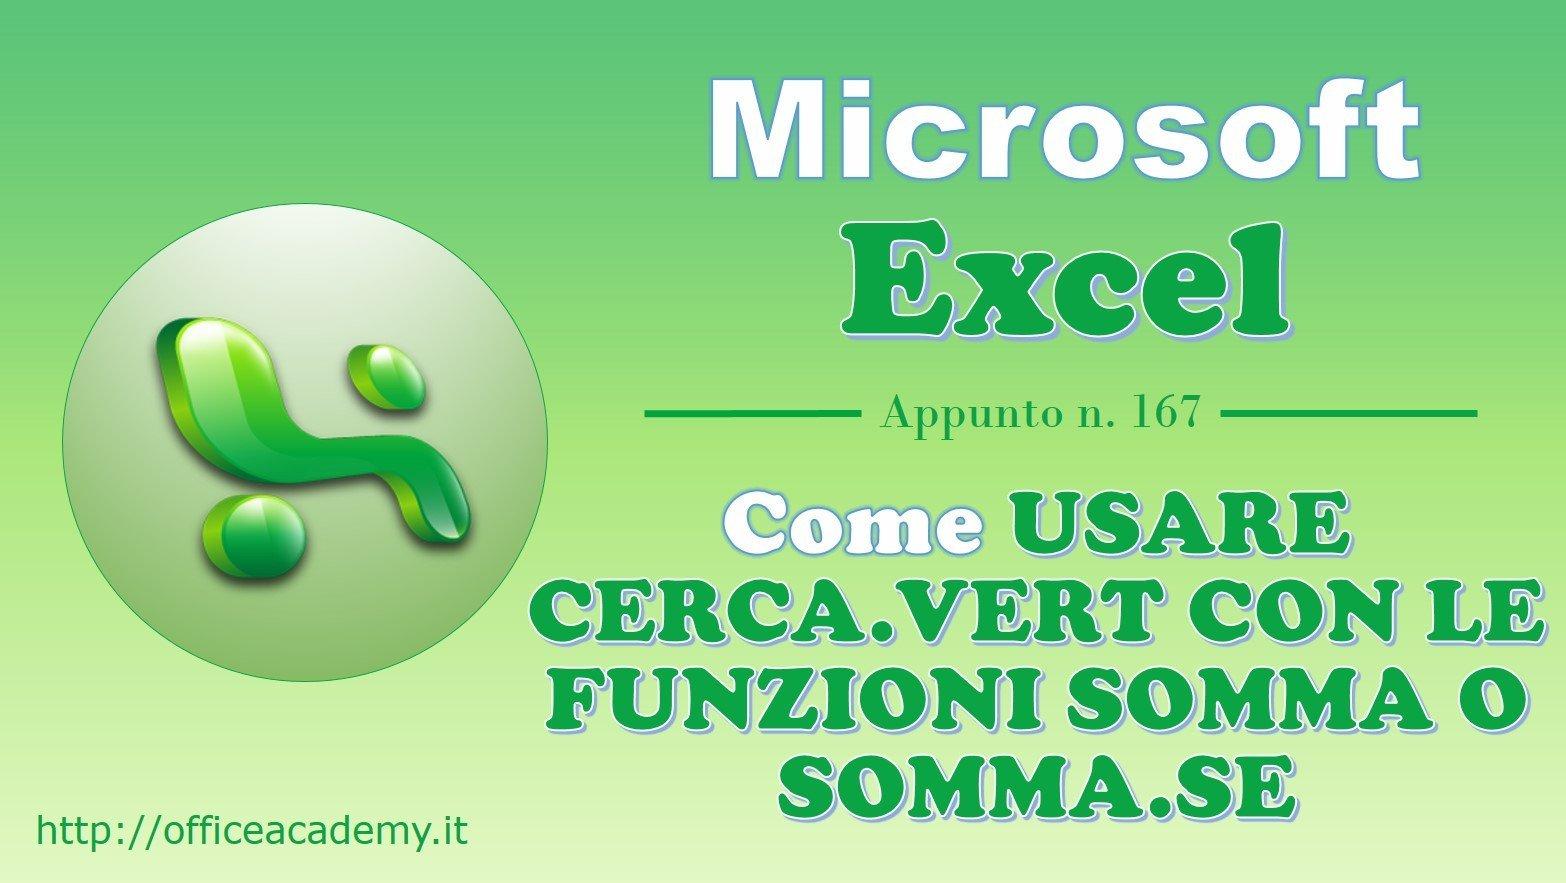 Come usare CERCA.VERT con le funzioni SOMMA o SOMMA.SE